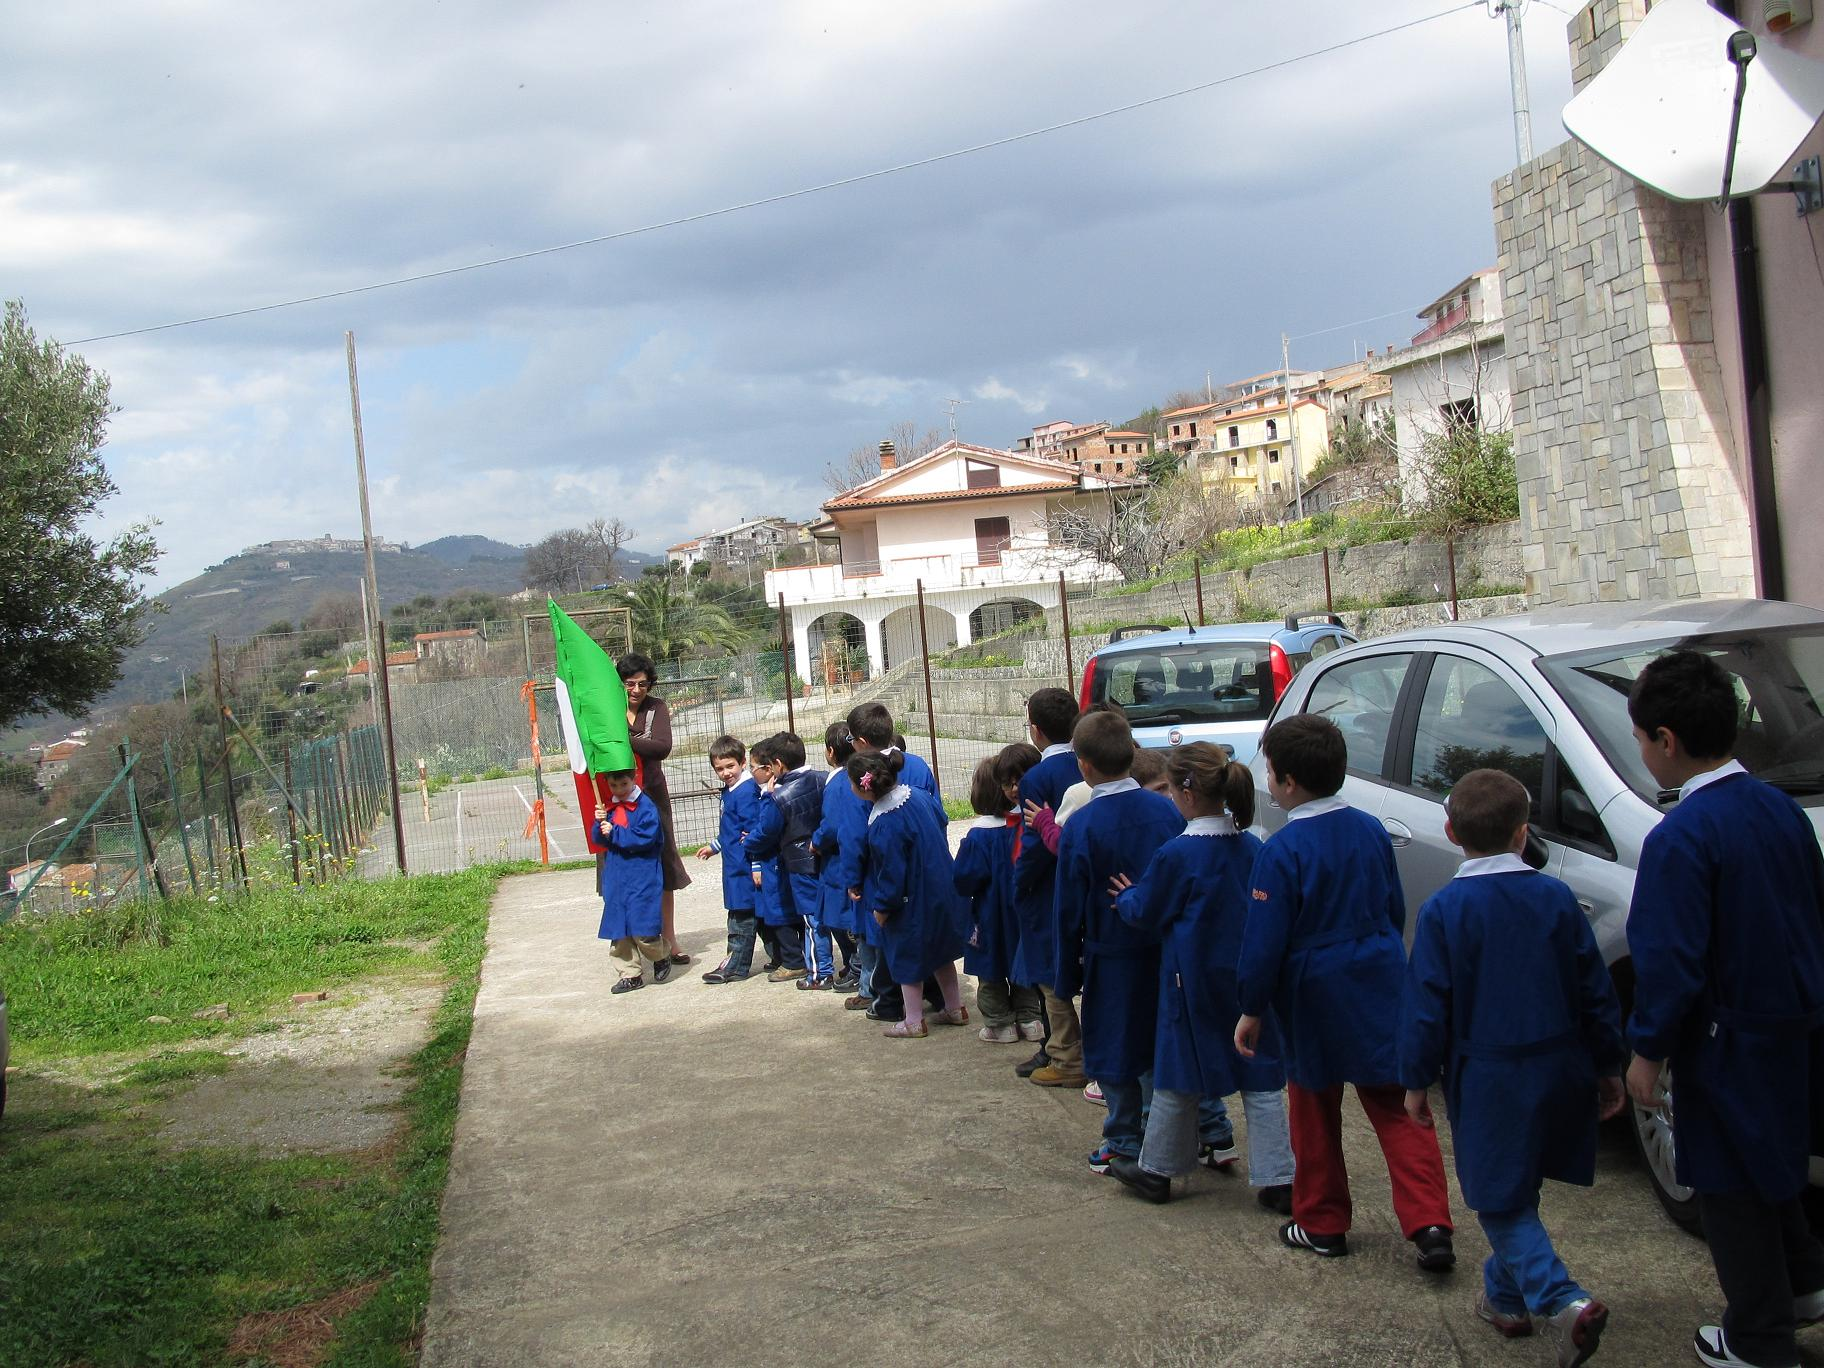 Scuola elementare di cariglio 150 anni for Cabine di querce reali amano va